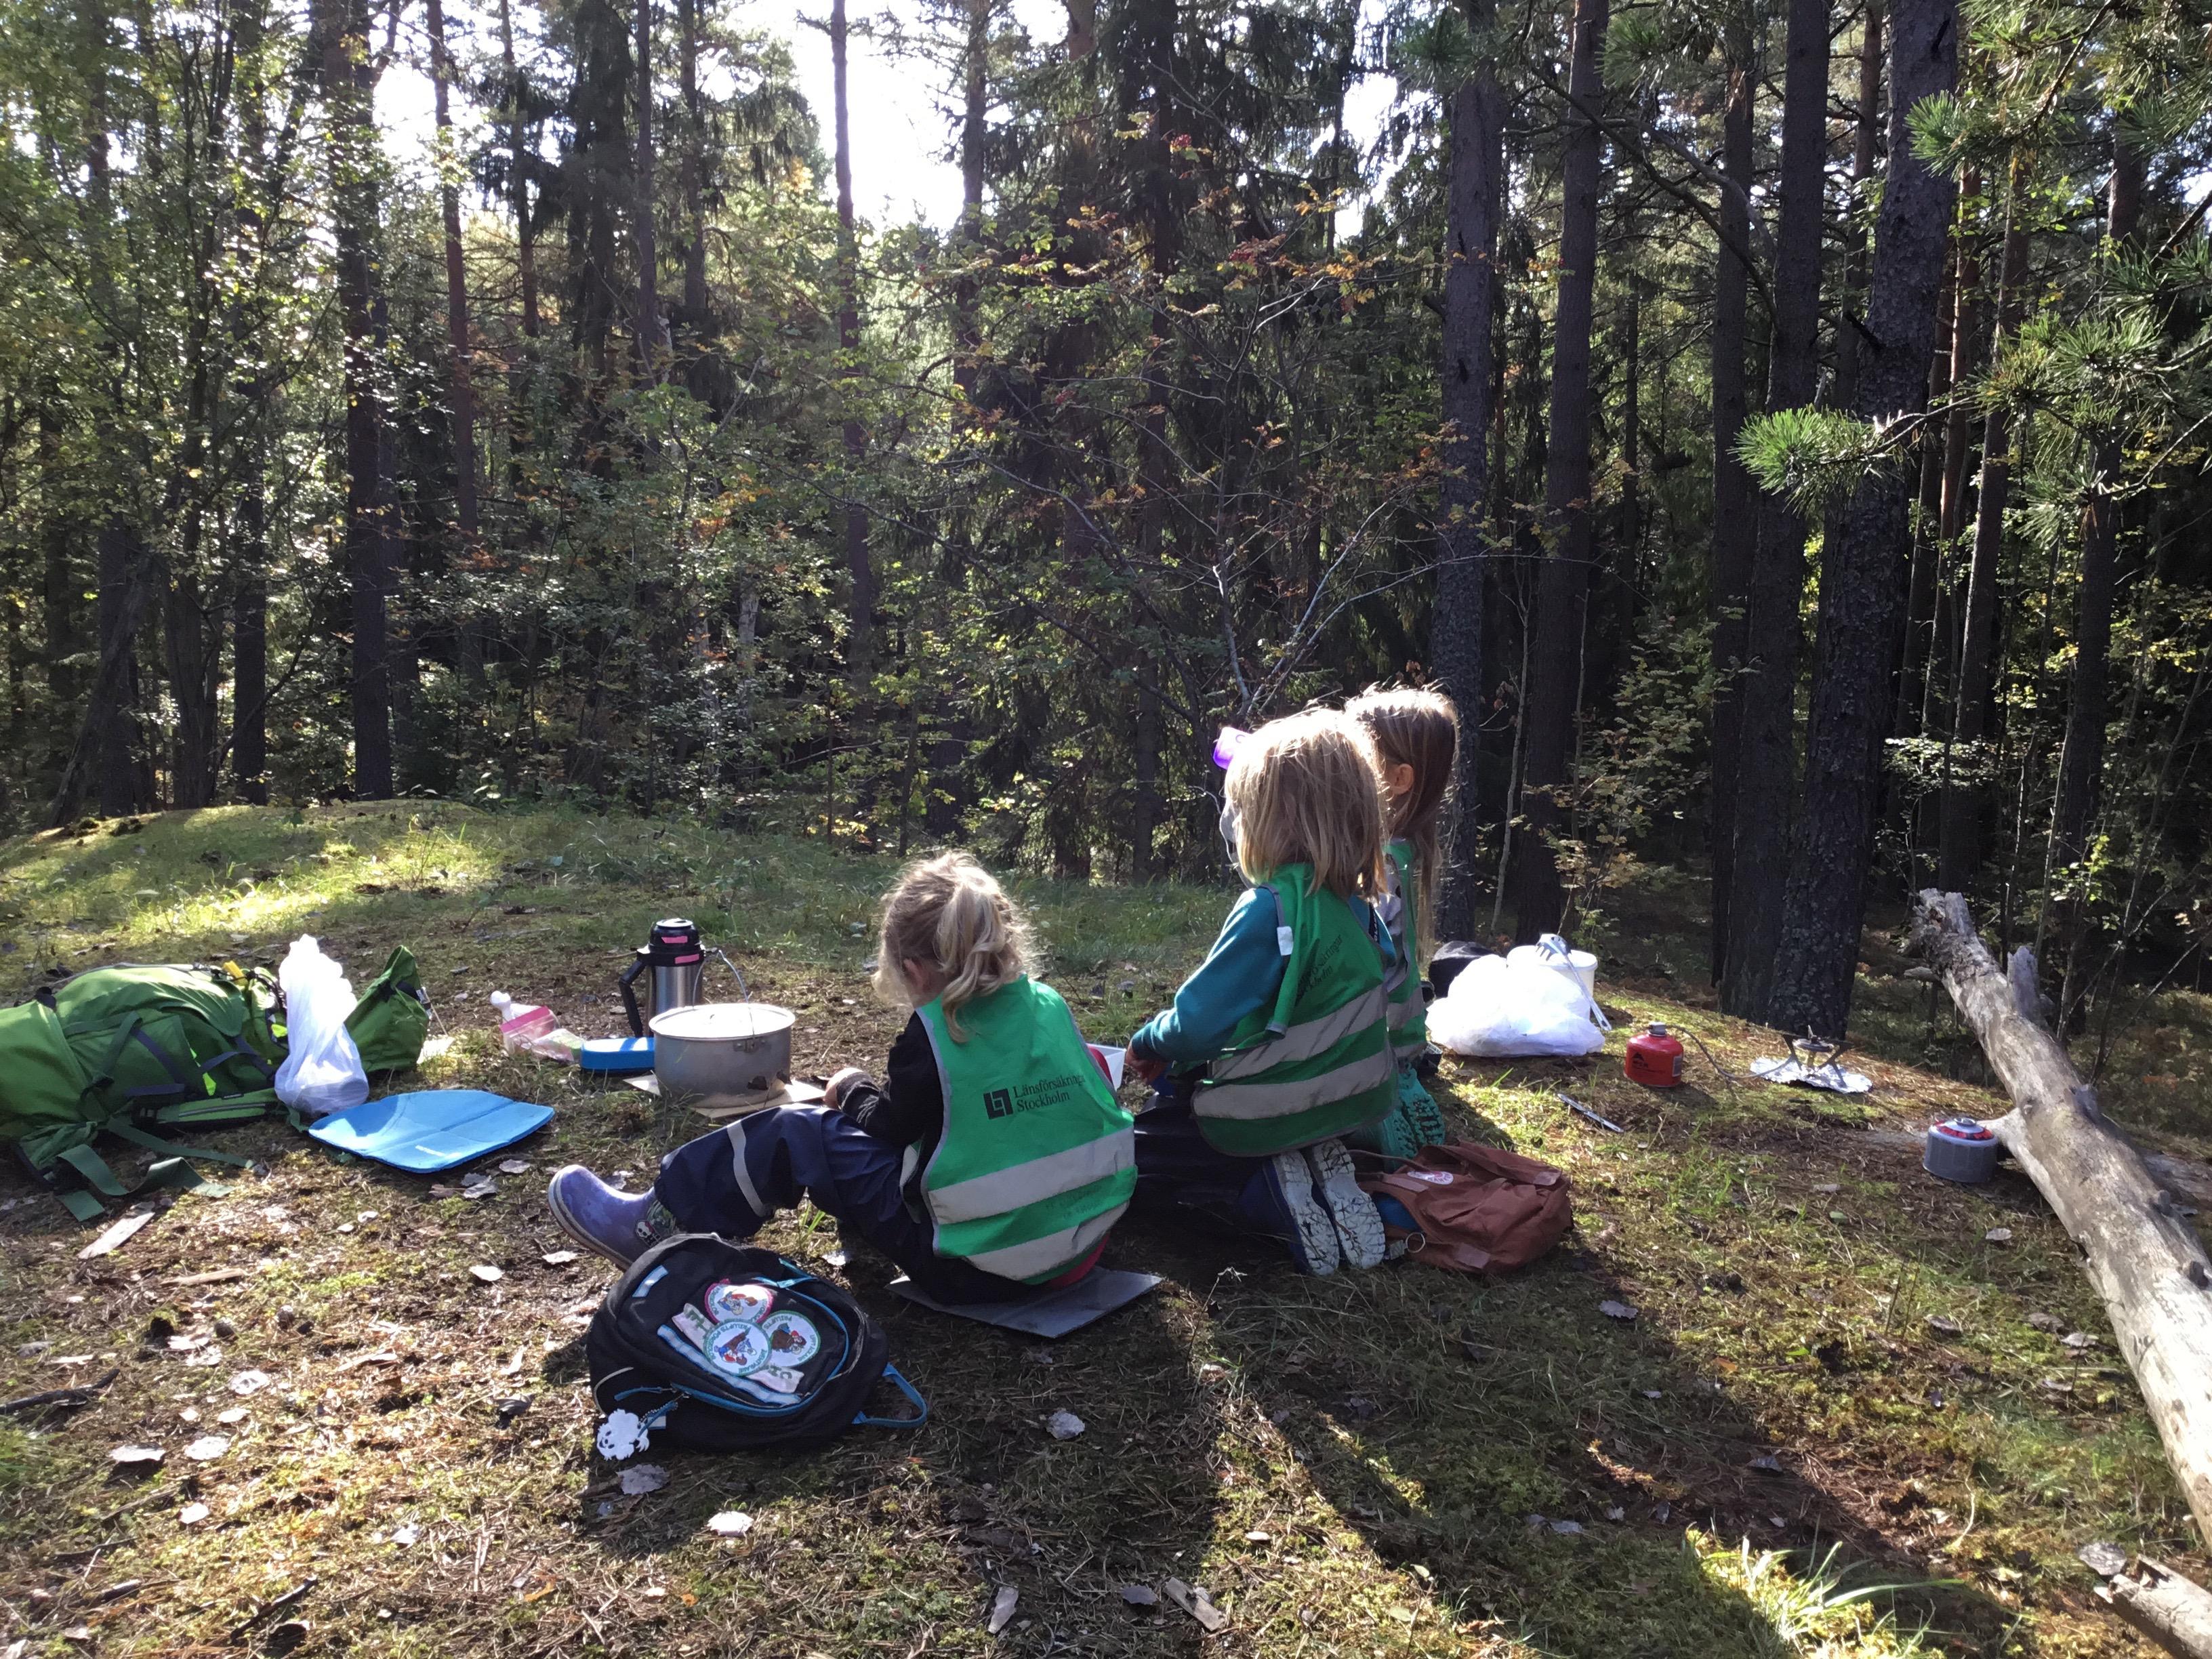 Lunchen smakar som bäst i skogen!